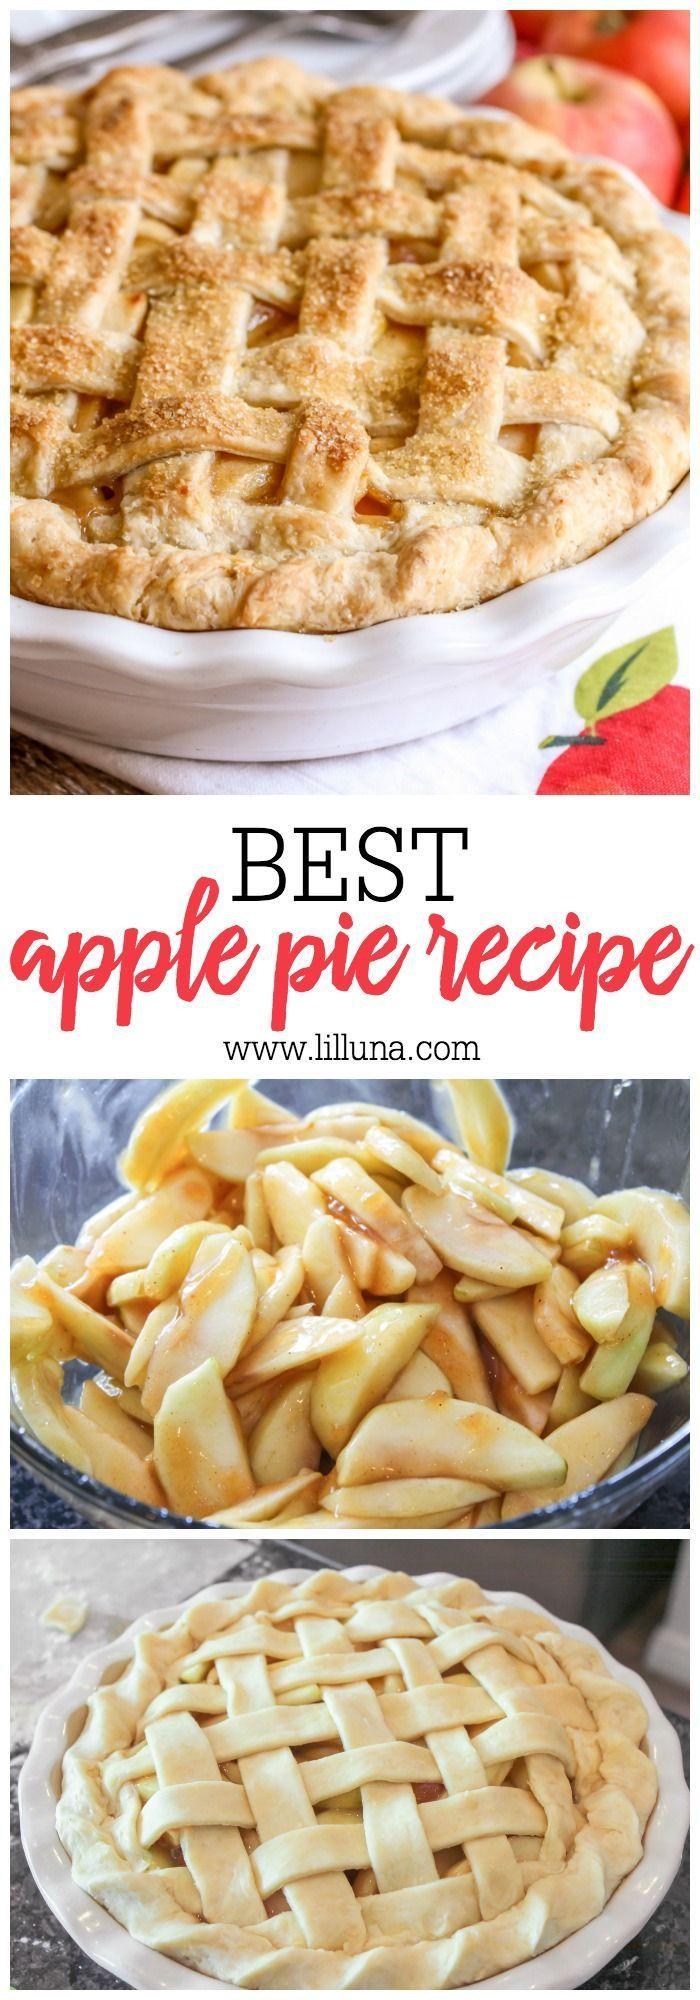 Es gibt nichts Schöneres als ein Stück warmen Apfelkuchens mit Vanilleeis! Th ...   - Pie&Tarte&Quiche&Clafoutis - #als #Apfelkuchens #ein #Es #gibt #mit #nichts #PieTarteQuicheClafoutis #Schöneres #Stück #Vanilleeis #warmen #homemadesweets